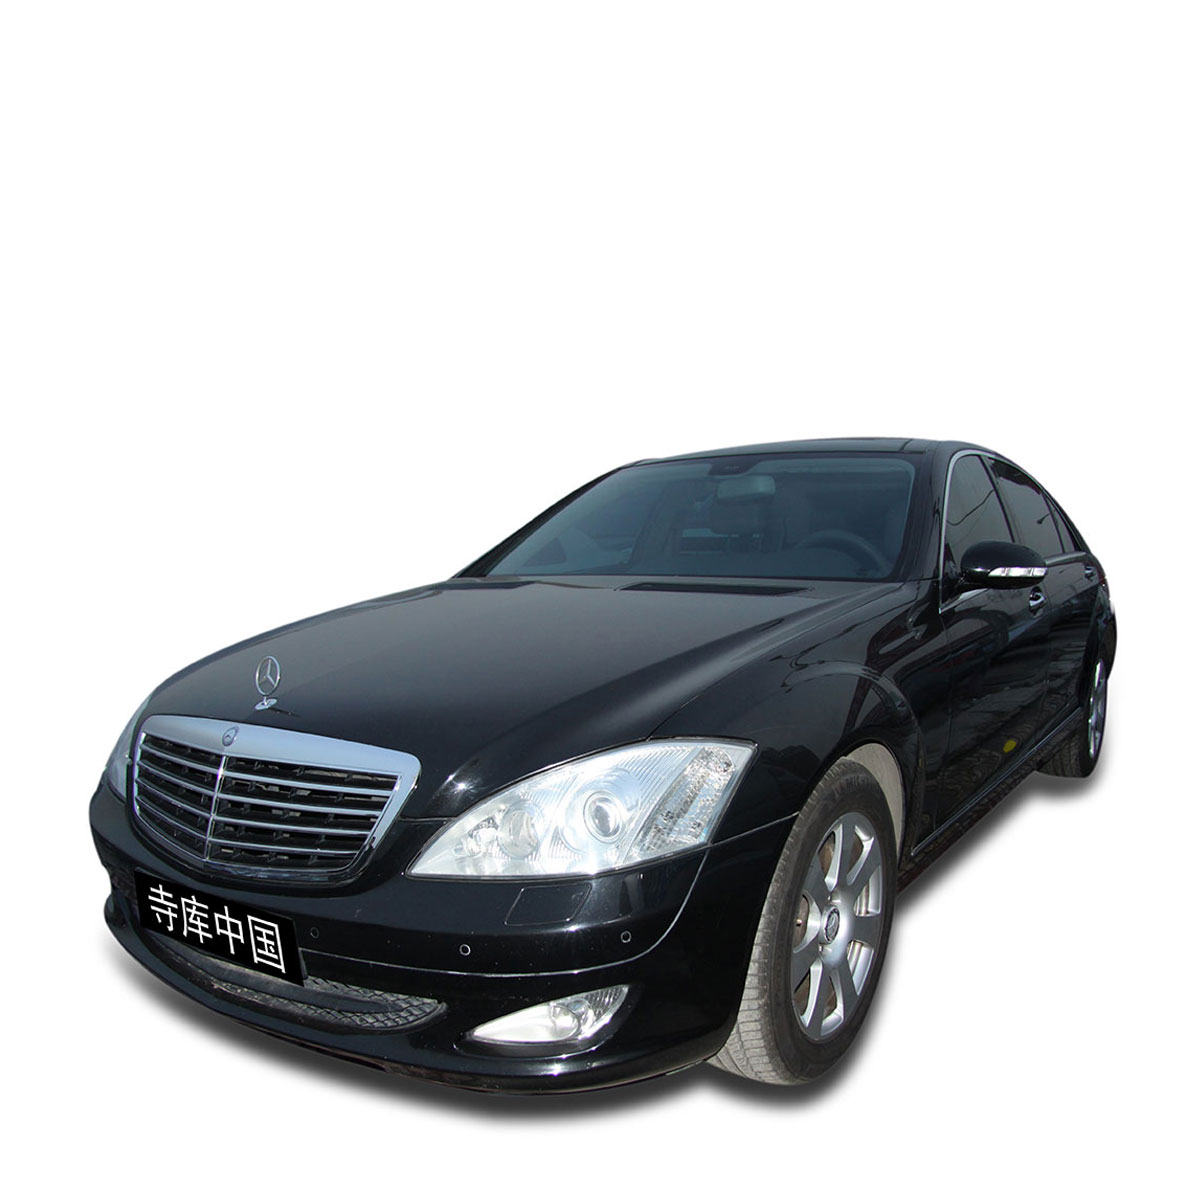 benz(奔驰)2008款 s300l 尊贵型【正品 价格 图片】